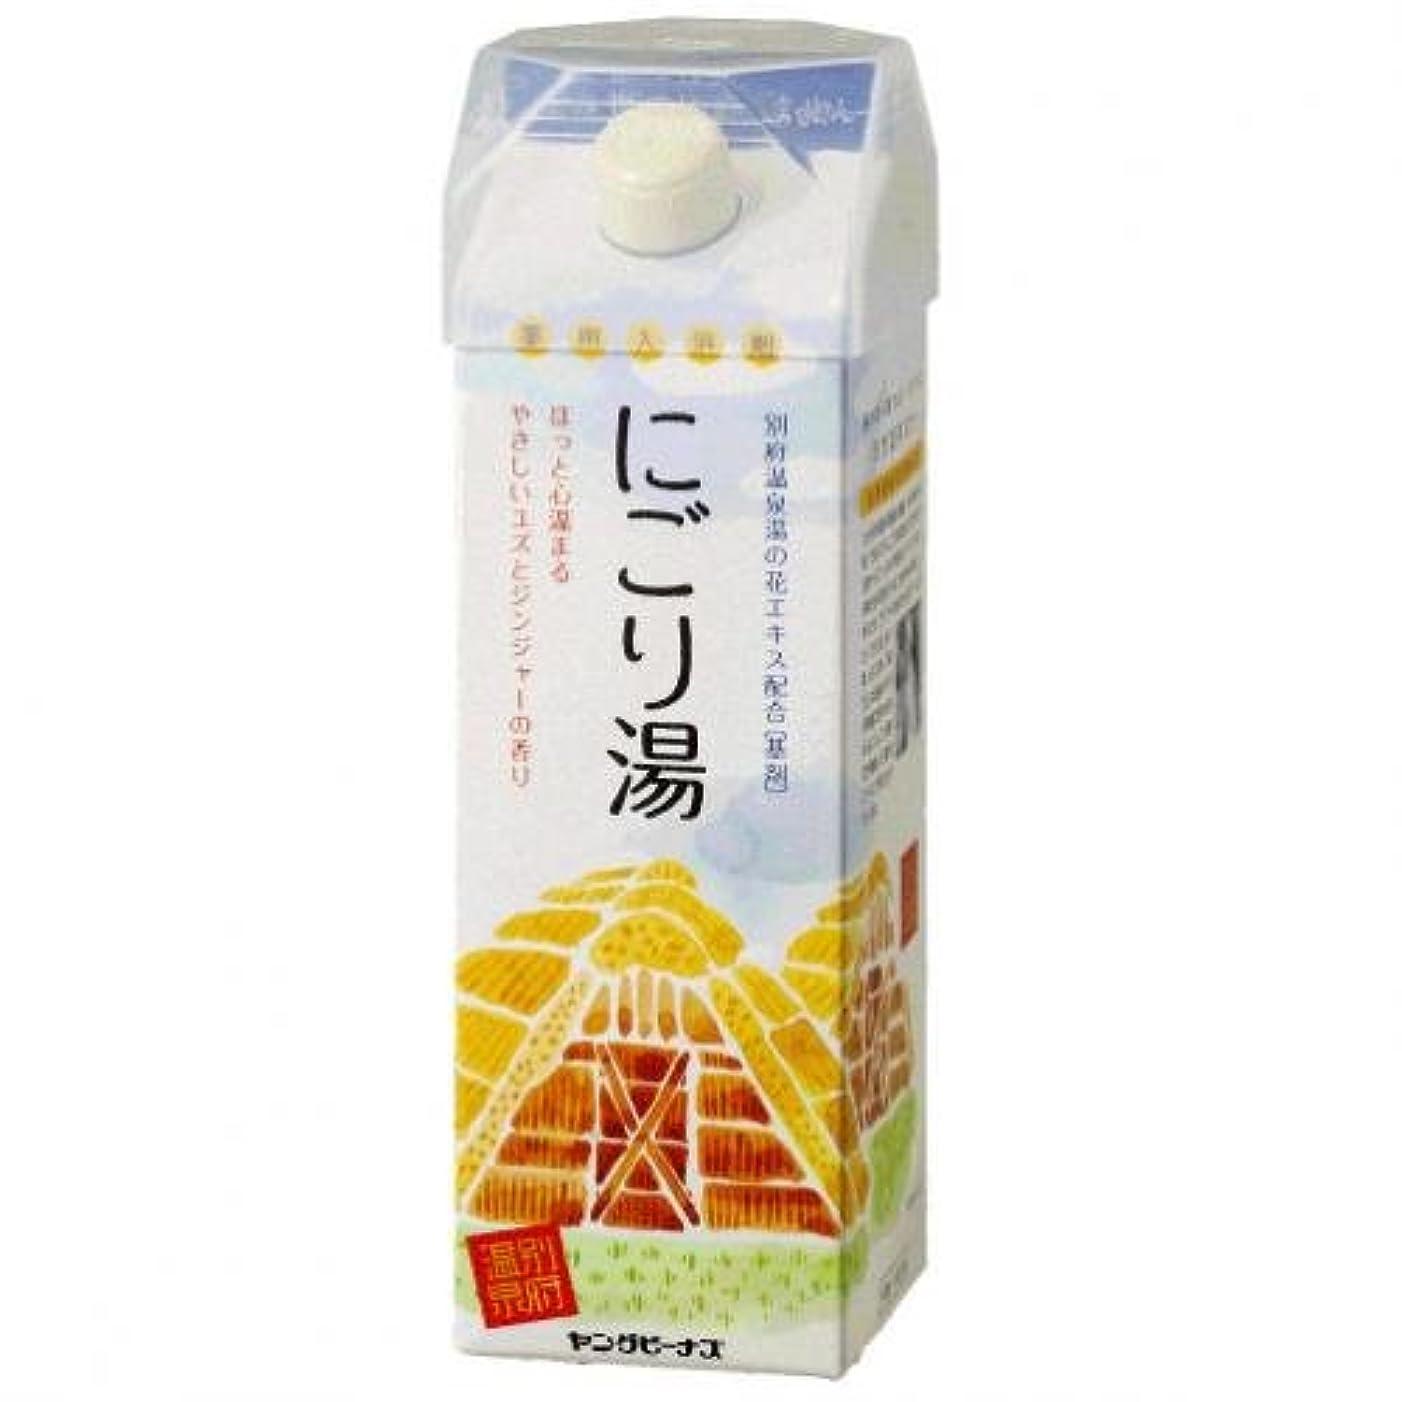 ヤングビーナス薬品工業 薬用入浴剤 にごり湯 900g E-20M [医薬部外品]